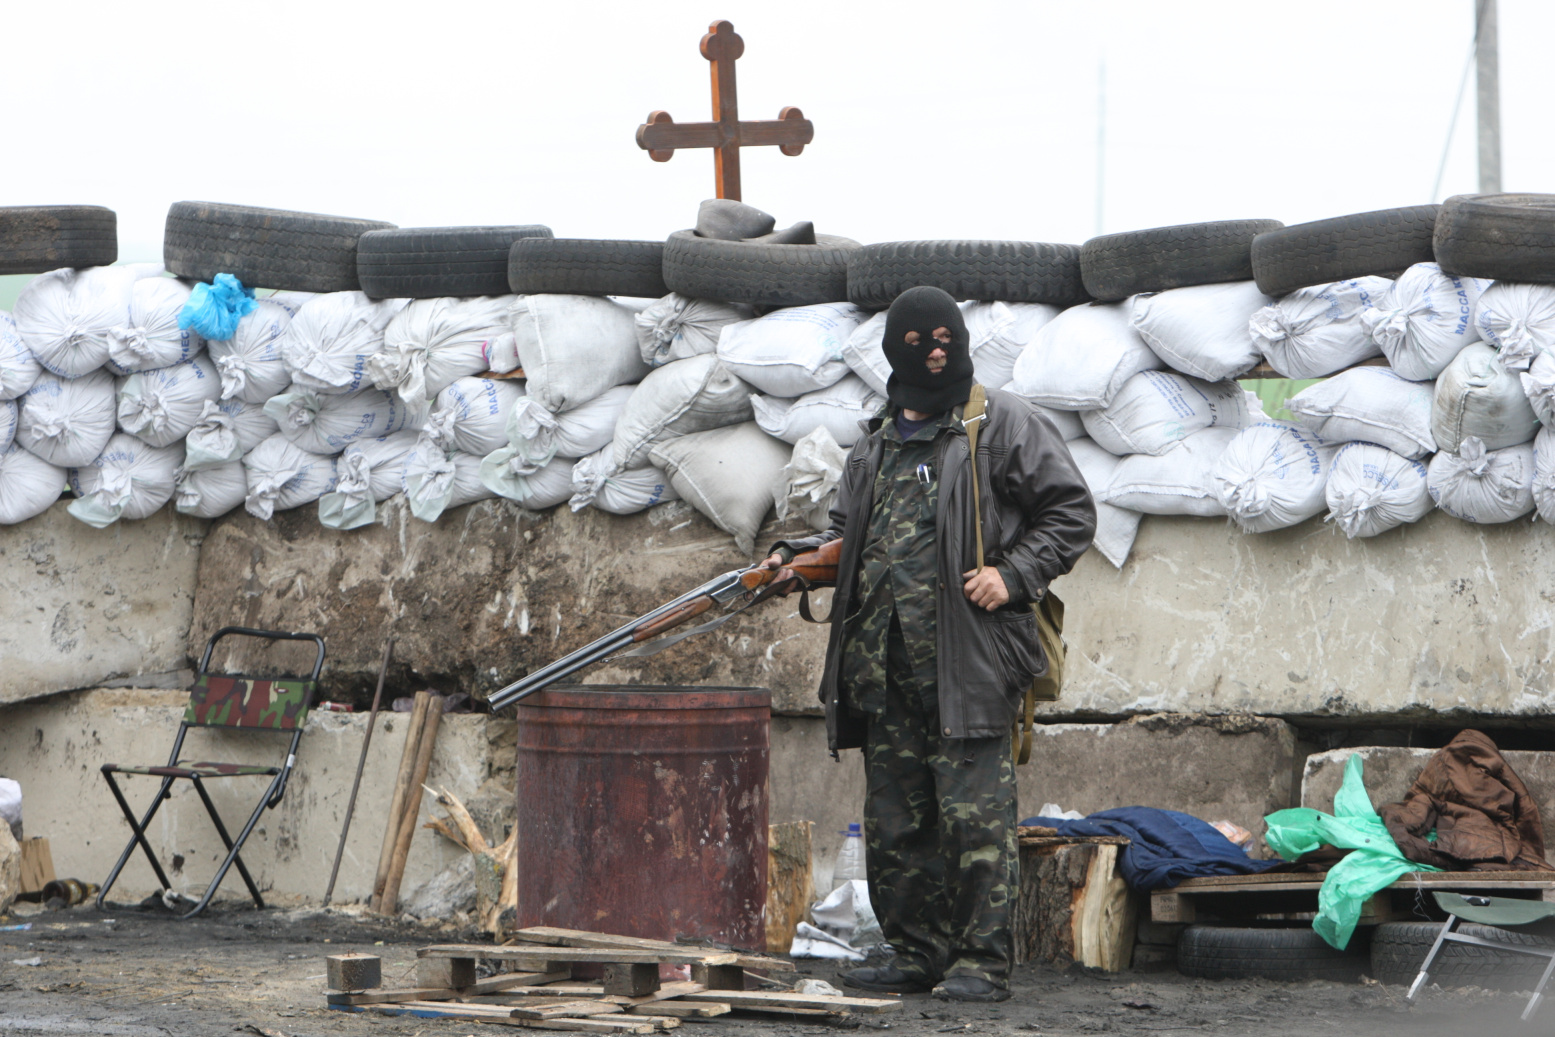 Славянск, Блокпост на въезде в город. Фото - Игорь Коваленко